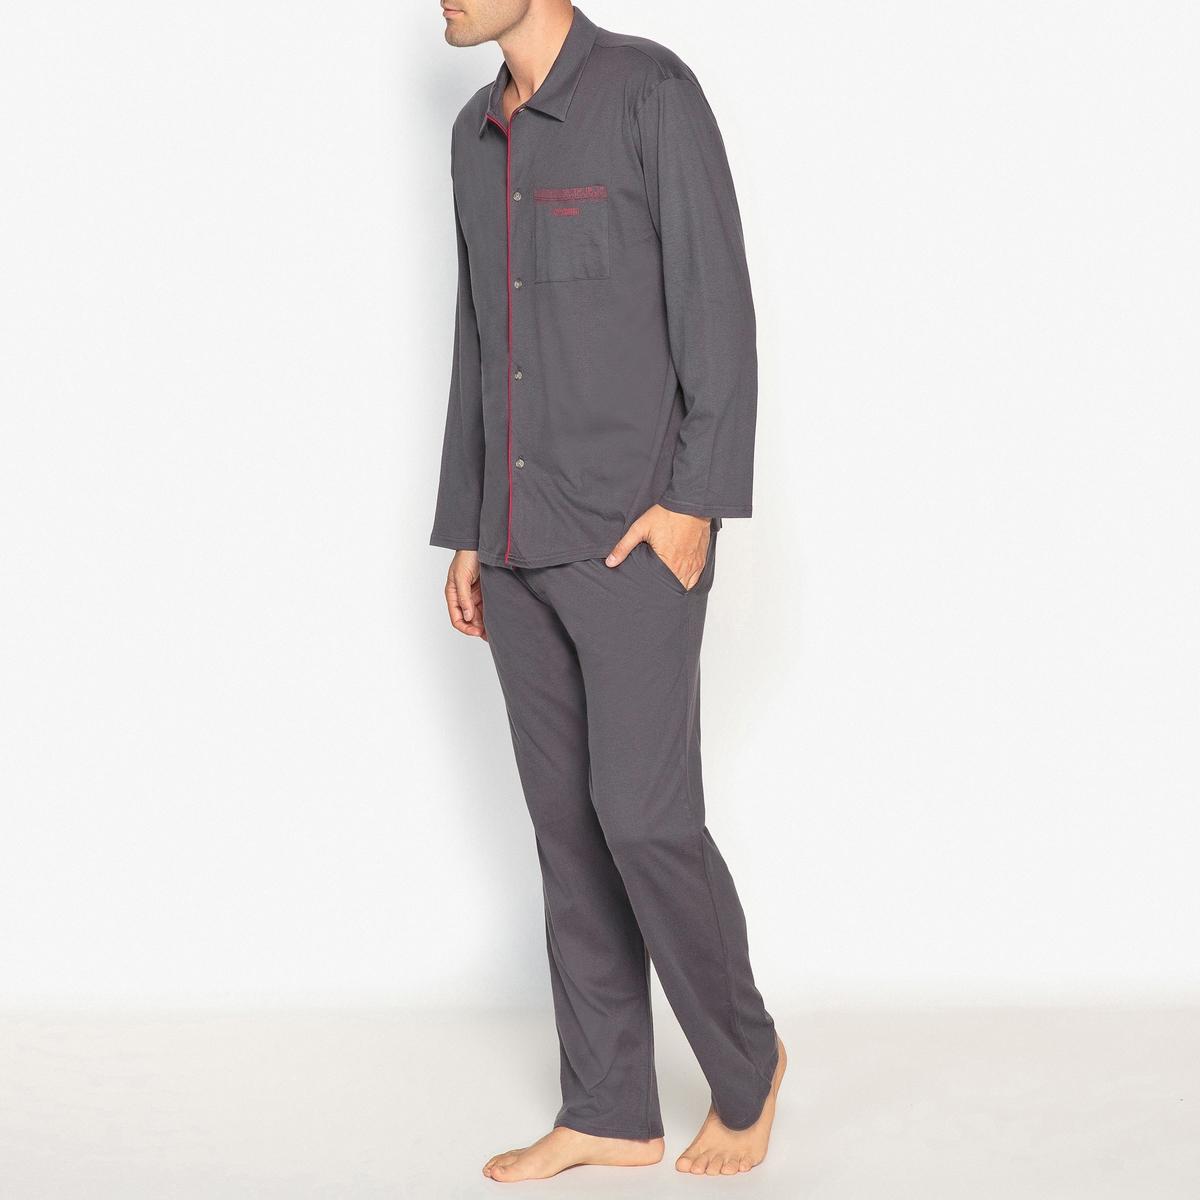 Пижама длинная с брюками из хлопкового джерсиДлинная пижама ATHENA. Классическая пижама с контрастными деталями из комфортного хлопкового джерси.Описание  •  Куртка со стоячим воротником •  Длинные рукава •  Застежка на пуговицы •  Логотип на груди •  Контрастные детали вдоль планки застежки на пуговицы •  Брюки прямого покроя.  •  Эластичный ремень контрастного цвета и затягиваемый шнурок •  2 боковых карманаСостав и уход •  Основной материал : джерси, 100% хлопок •  Машинная стирка при 30 °С •  Стирать с вещами схожих цветов<br><br>Цвет: антрацит/бордовый